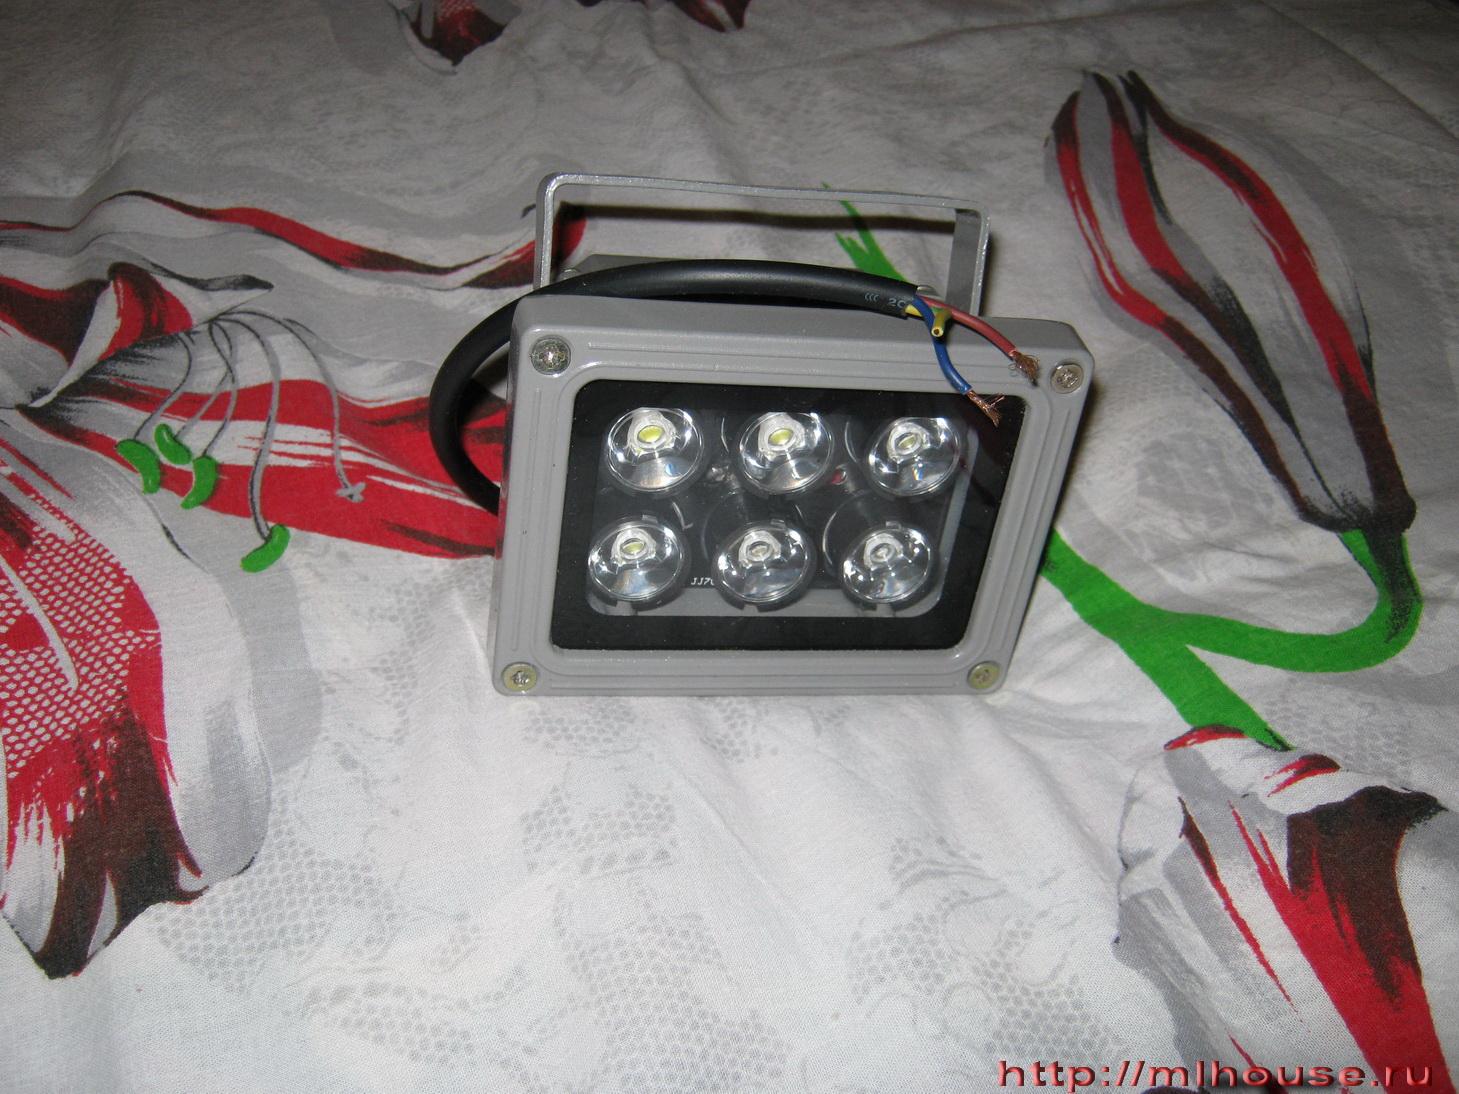 Светодиодный прожектор на автомобиль своими руками